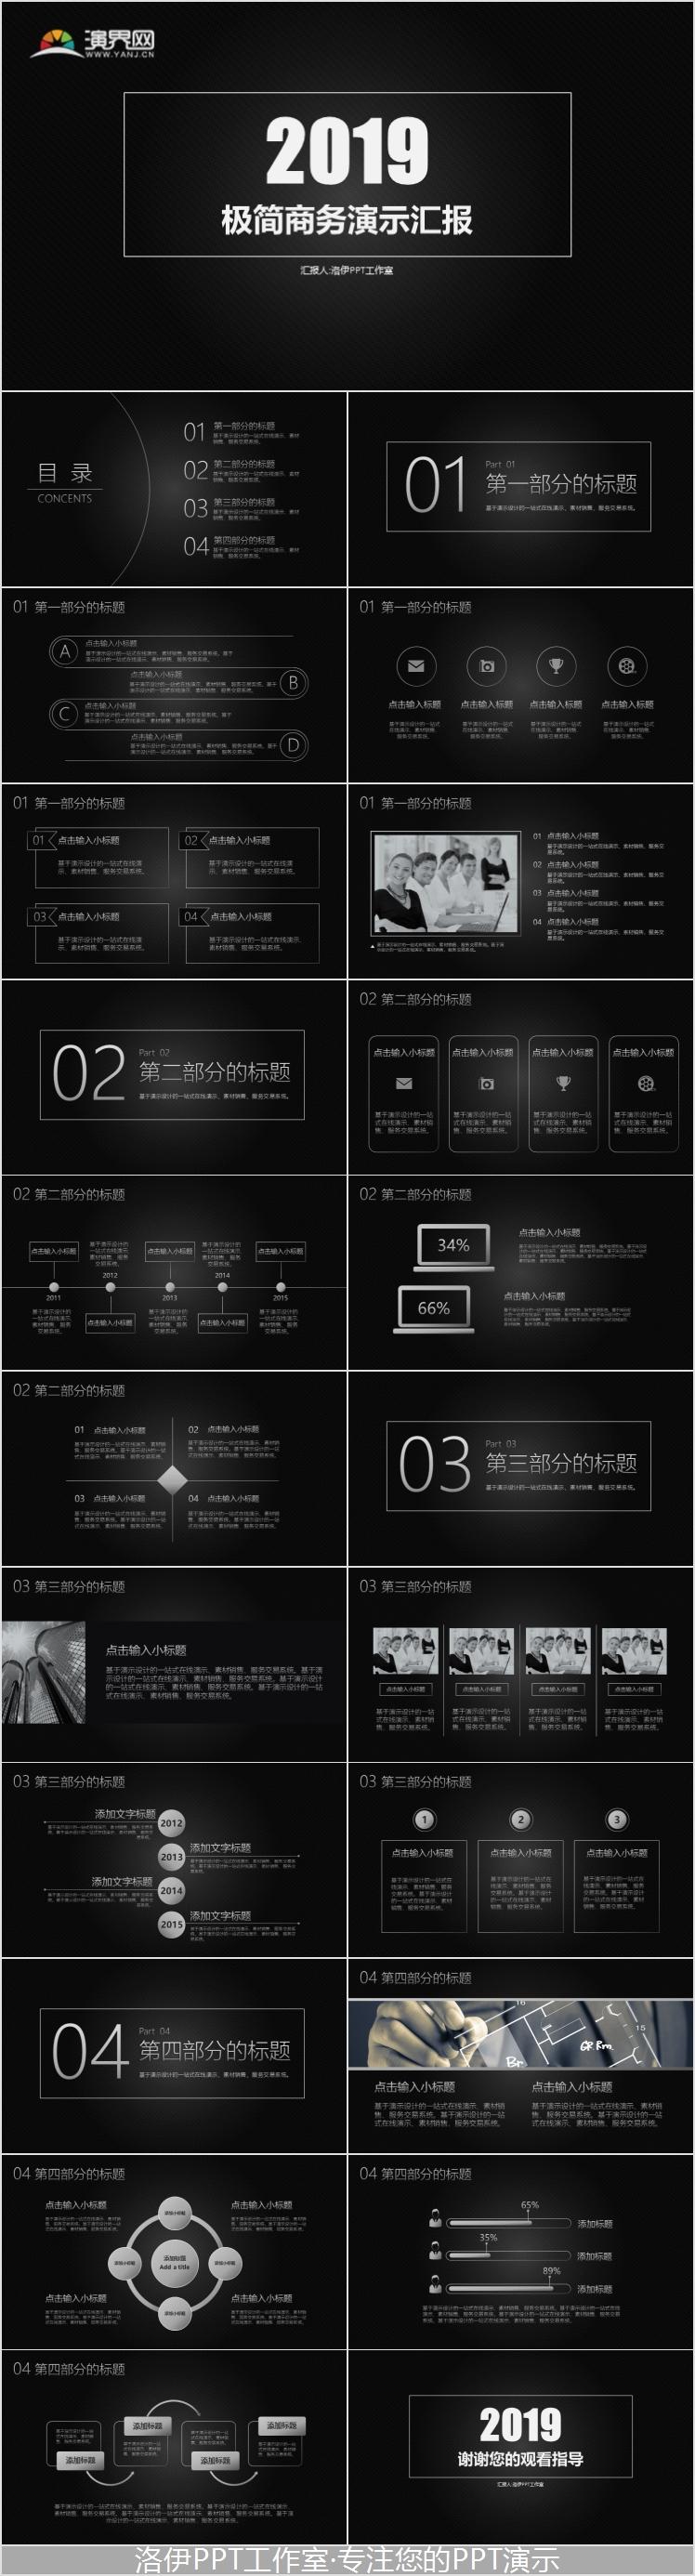 2019极简商务PPT演示模板